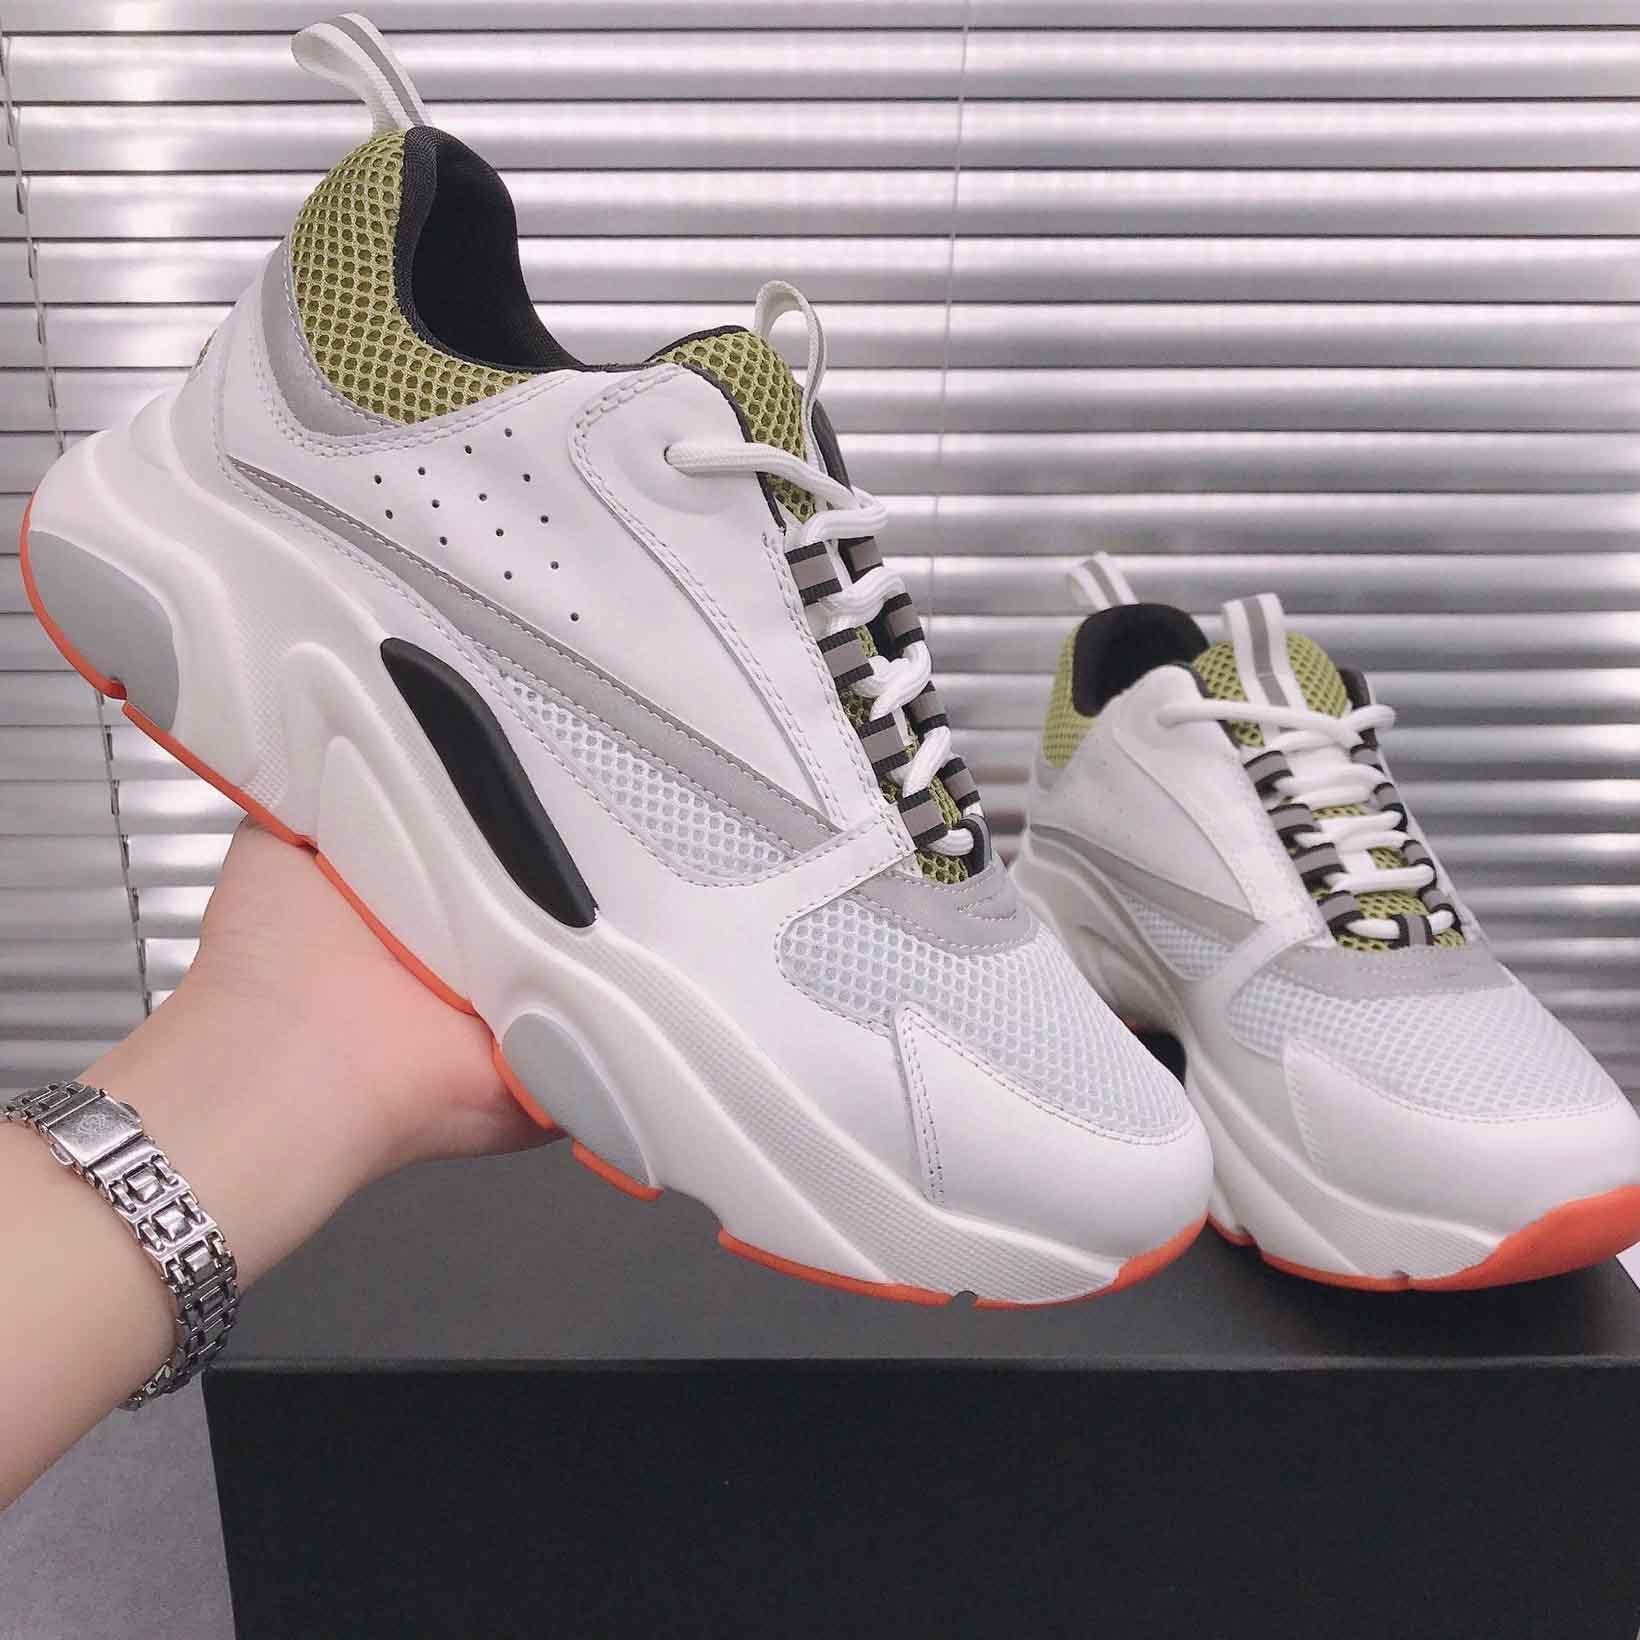 Ошибка для любителей дизайнера Холст кроссовки Обувь ретро лоскутное повседневная кроссовки мужчины женщин на шнуровке спортивная обувь с коробкой